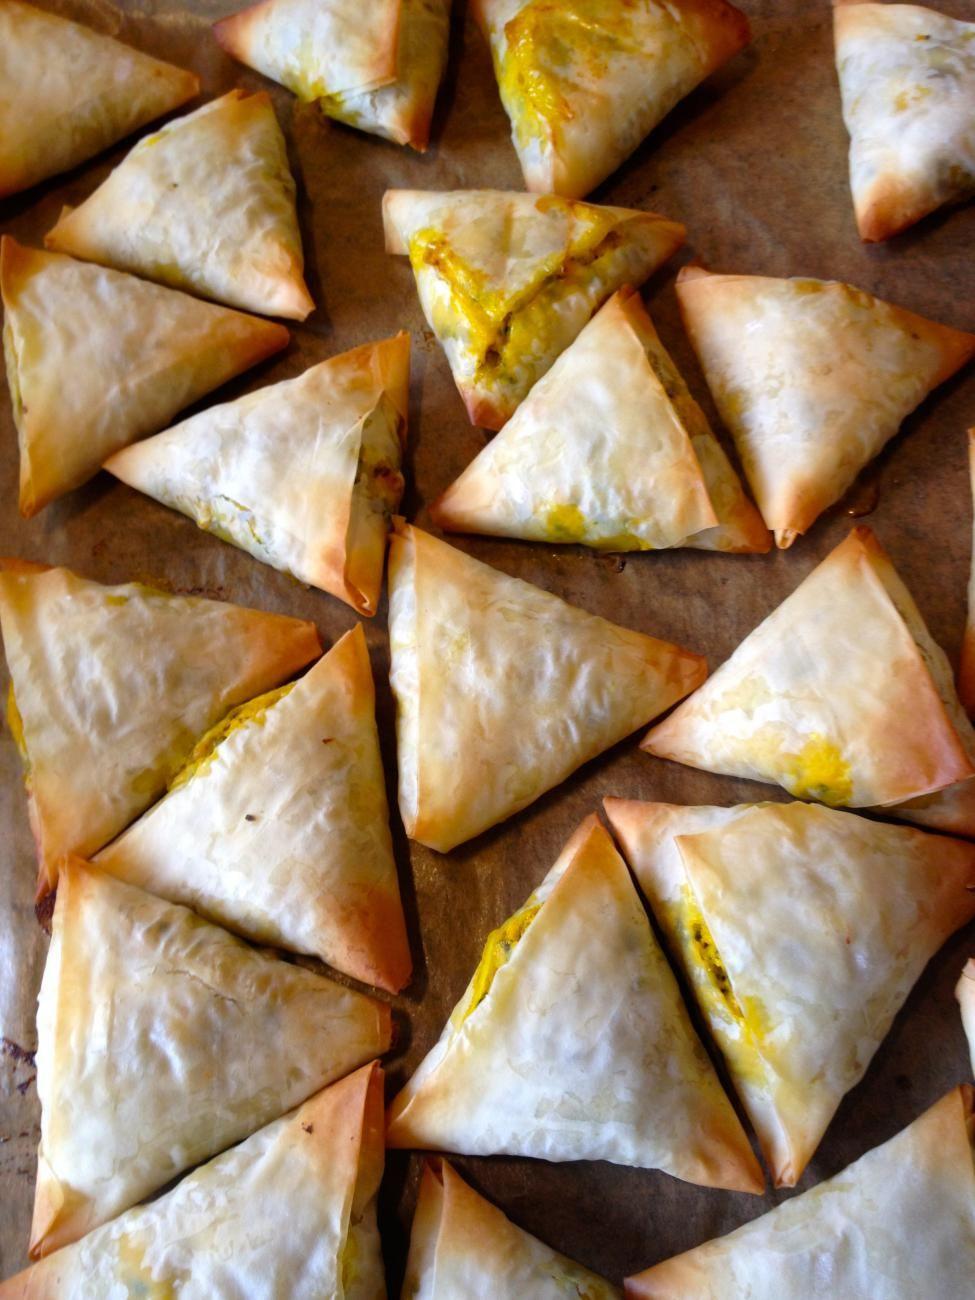 Les Briwats Poulet De Hanane Recette Recettes De Cuisine Cuisine Marocaine Recette